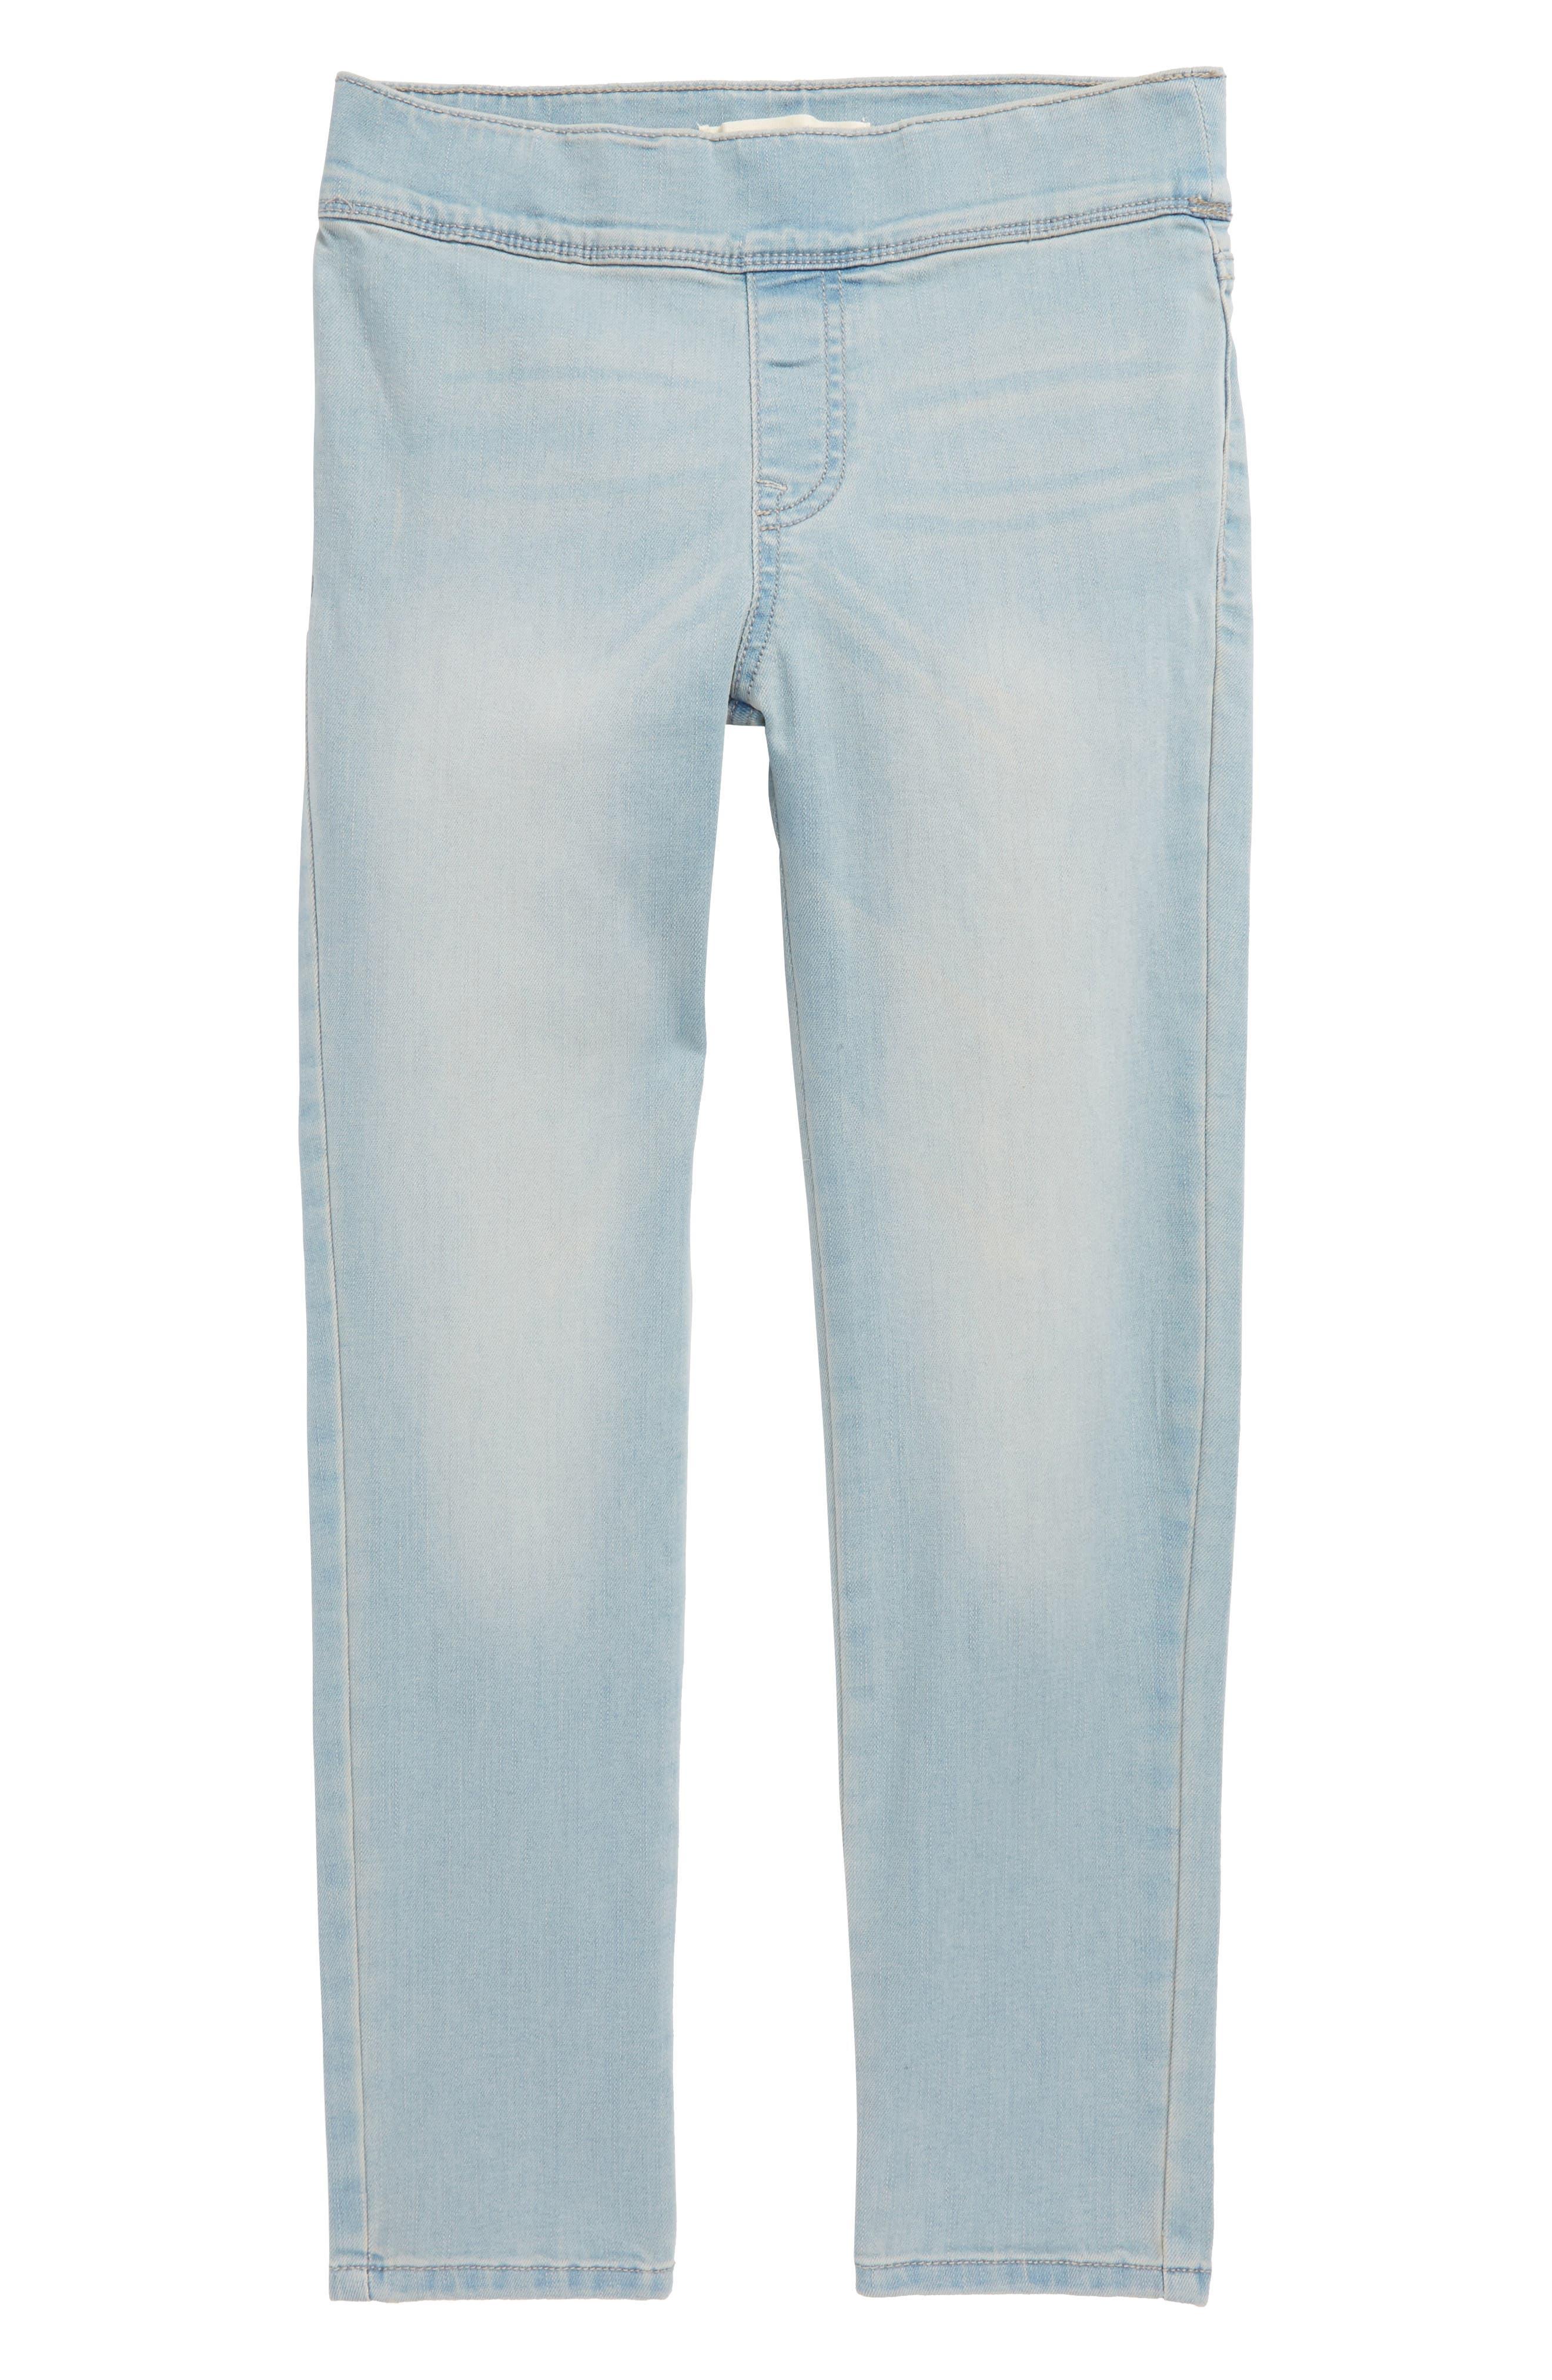 Crop Jeans,                         Main,                         color, 420